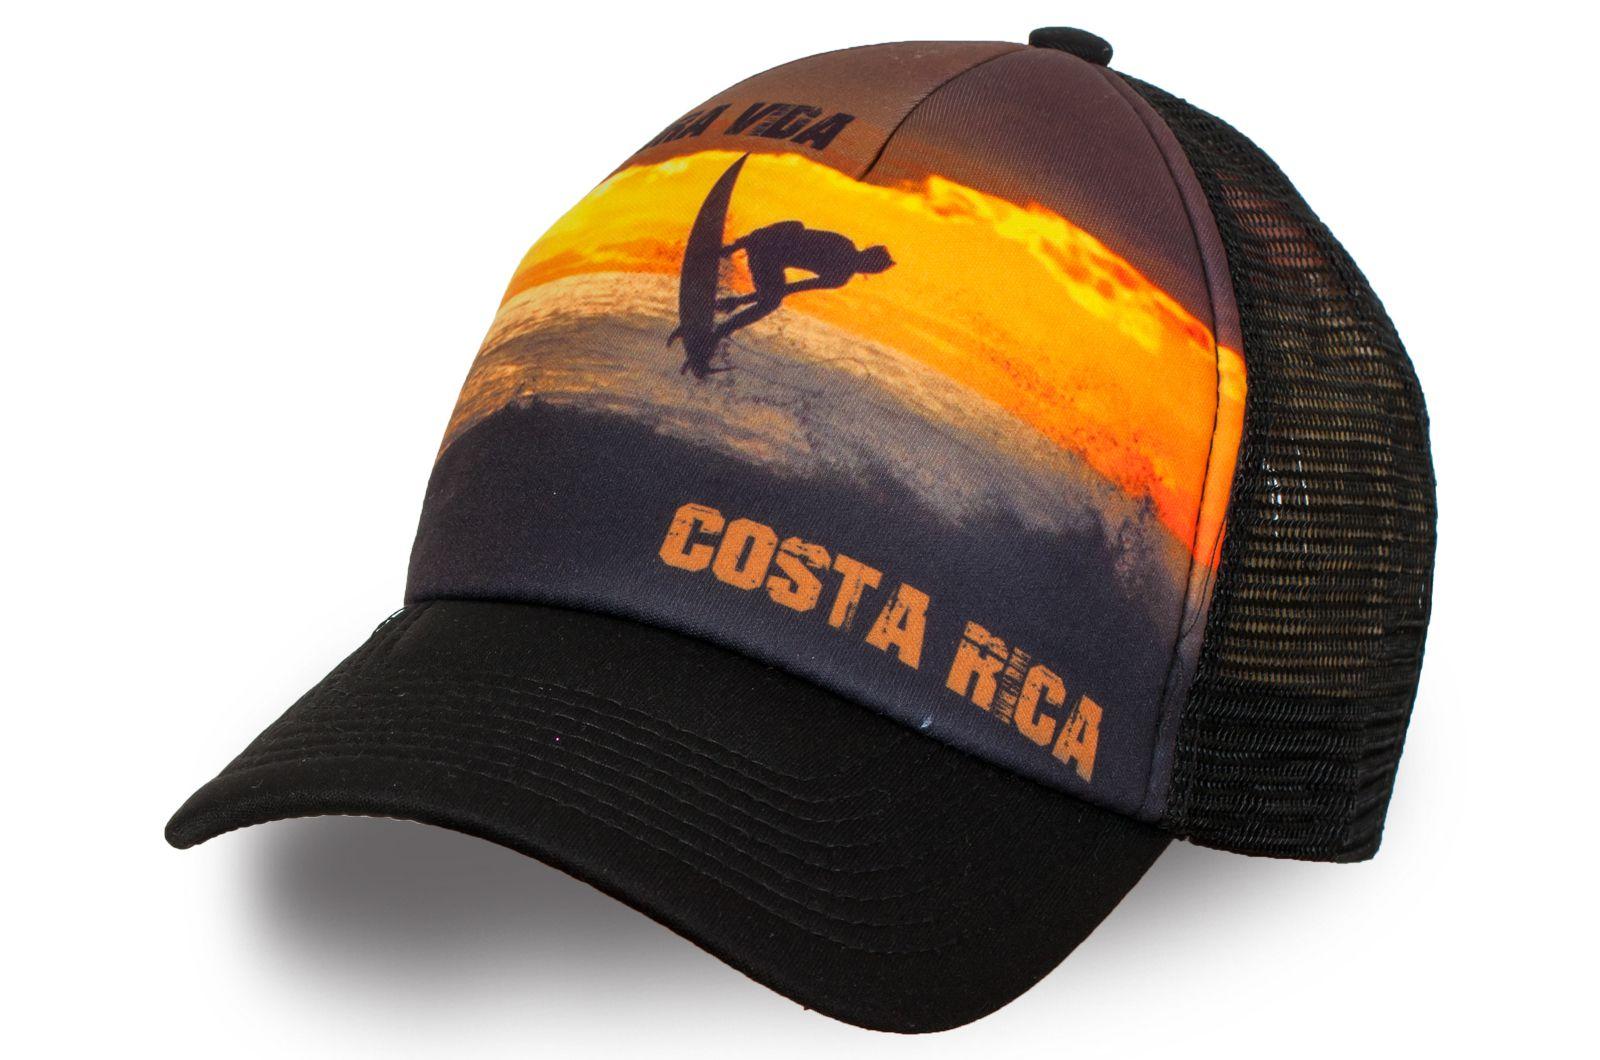 Бейсболка с принтом Costa Rica - купить в интернет-магазине